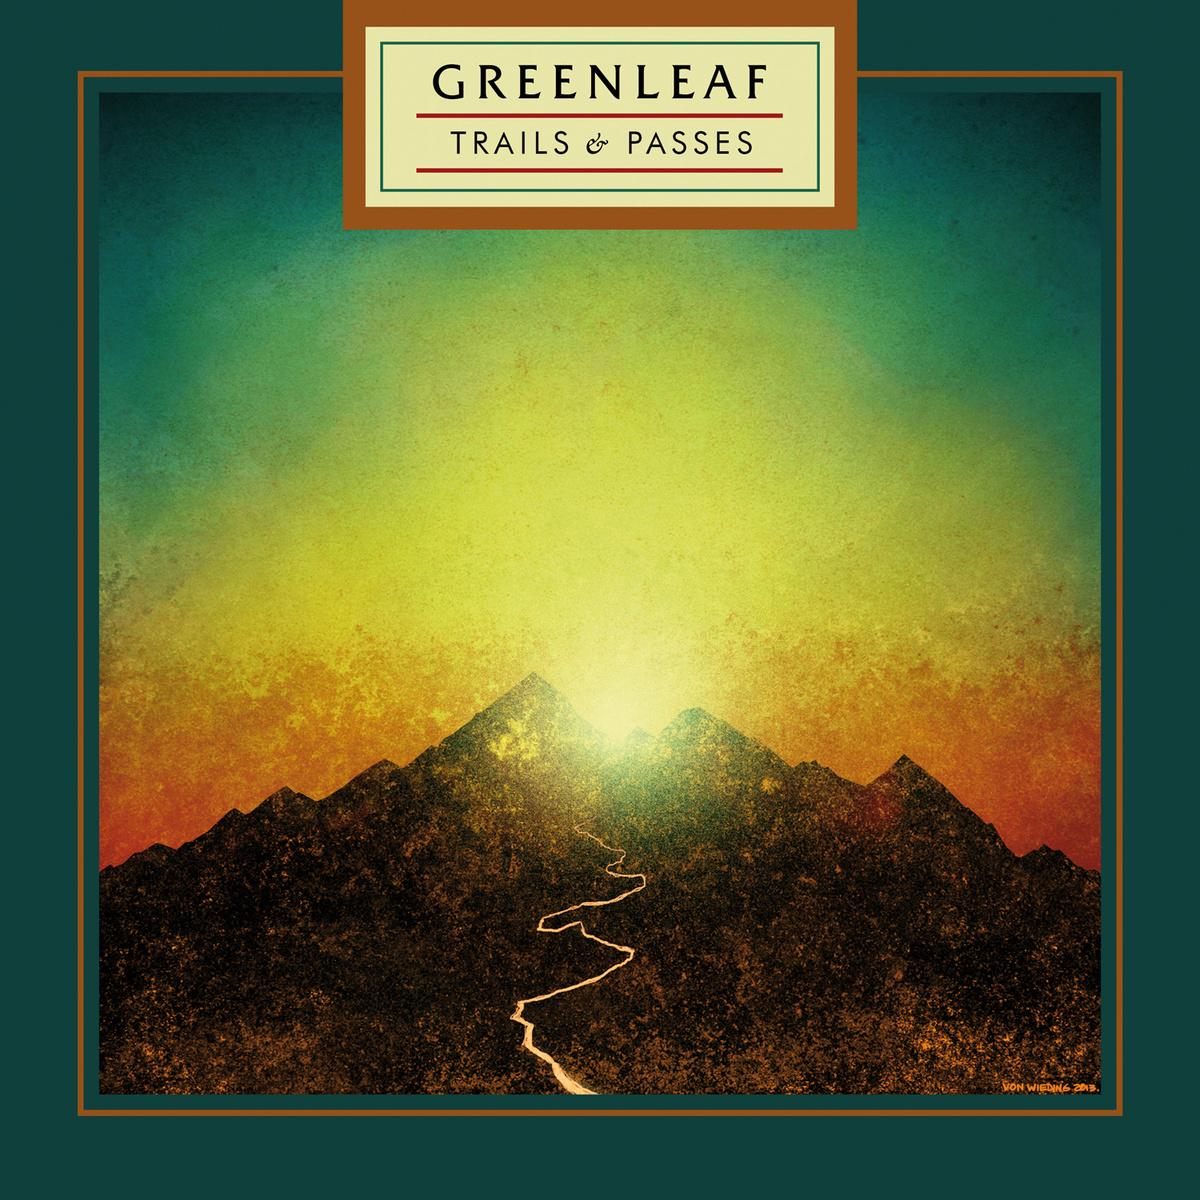 greenleaf_cd.jpg